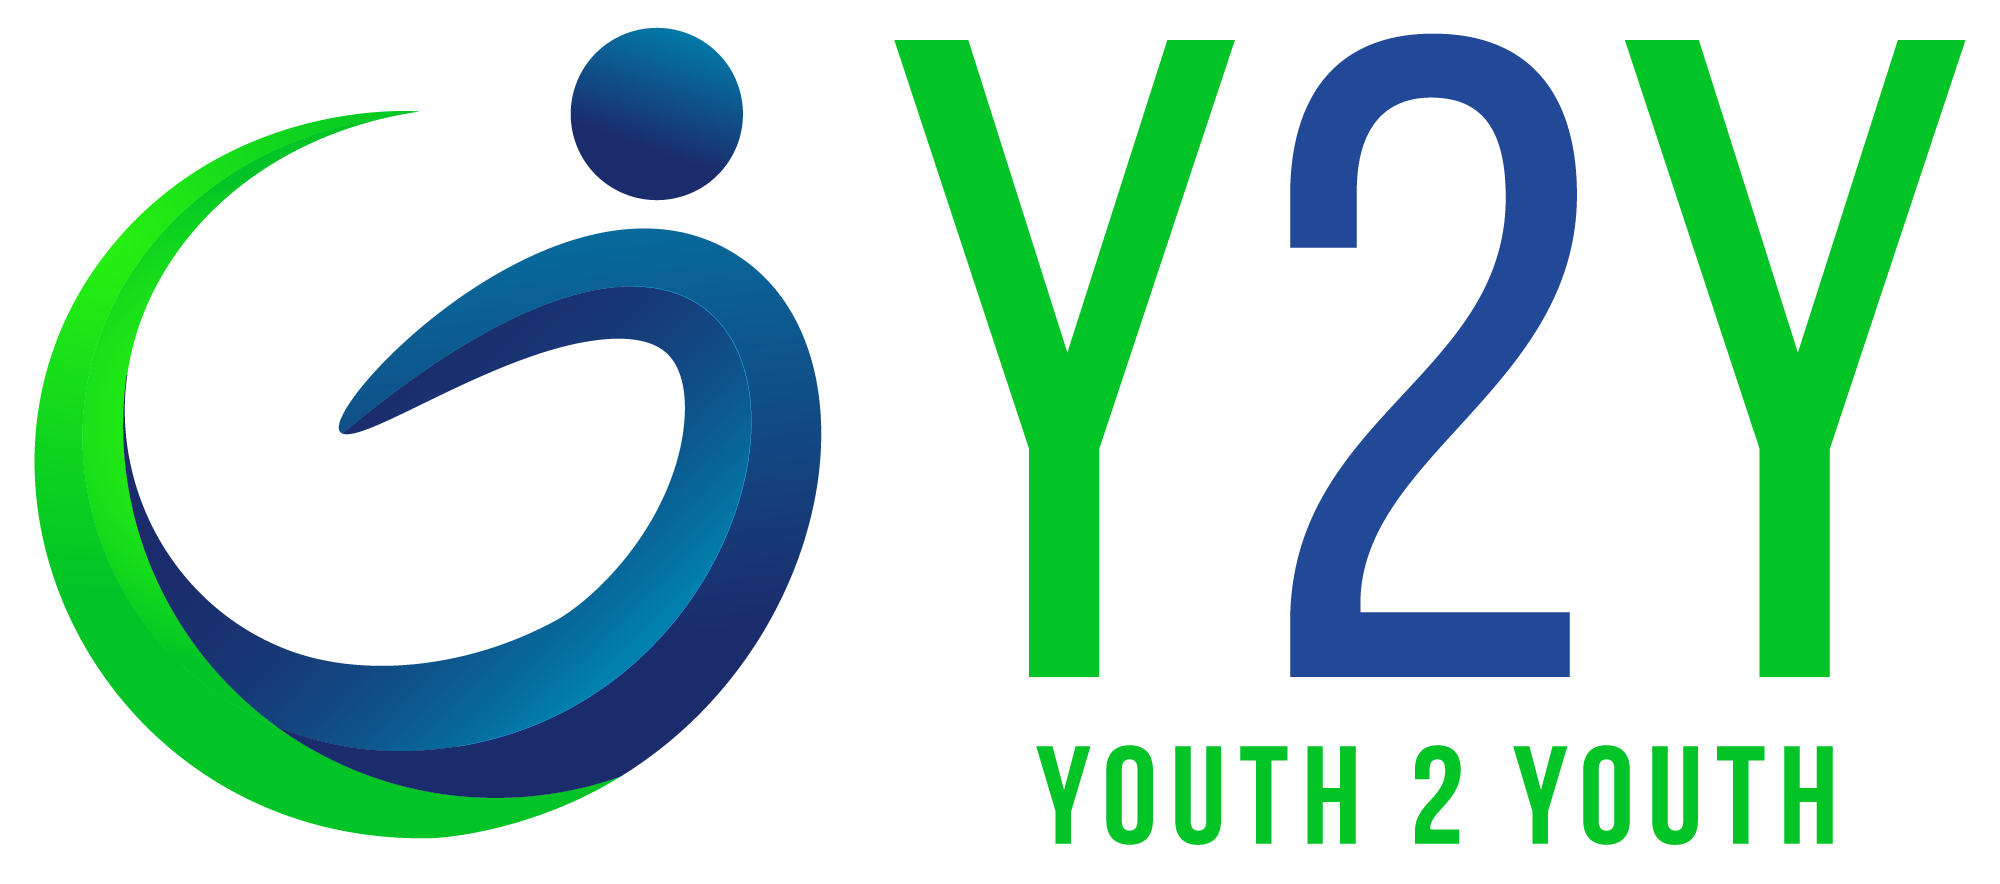 GEINNOVA PARTICIPA EN EL ENCUENTRO EN SEVILLA QUE ANALIZA LOS RESULTADOS DEL PROYECTO EUROPEO YOUTH2YOUTH